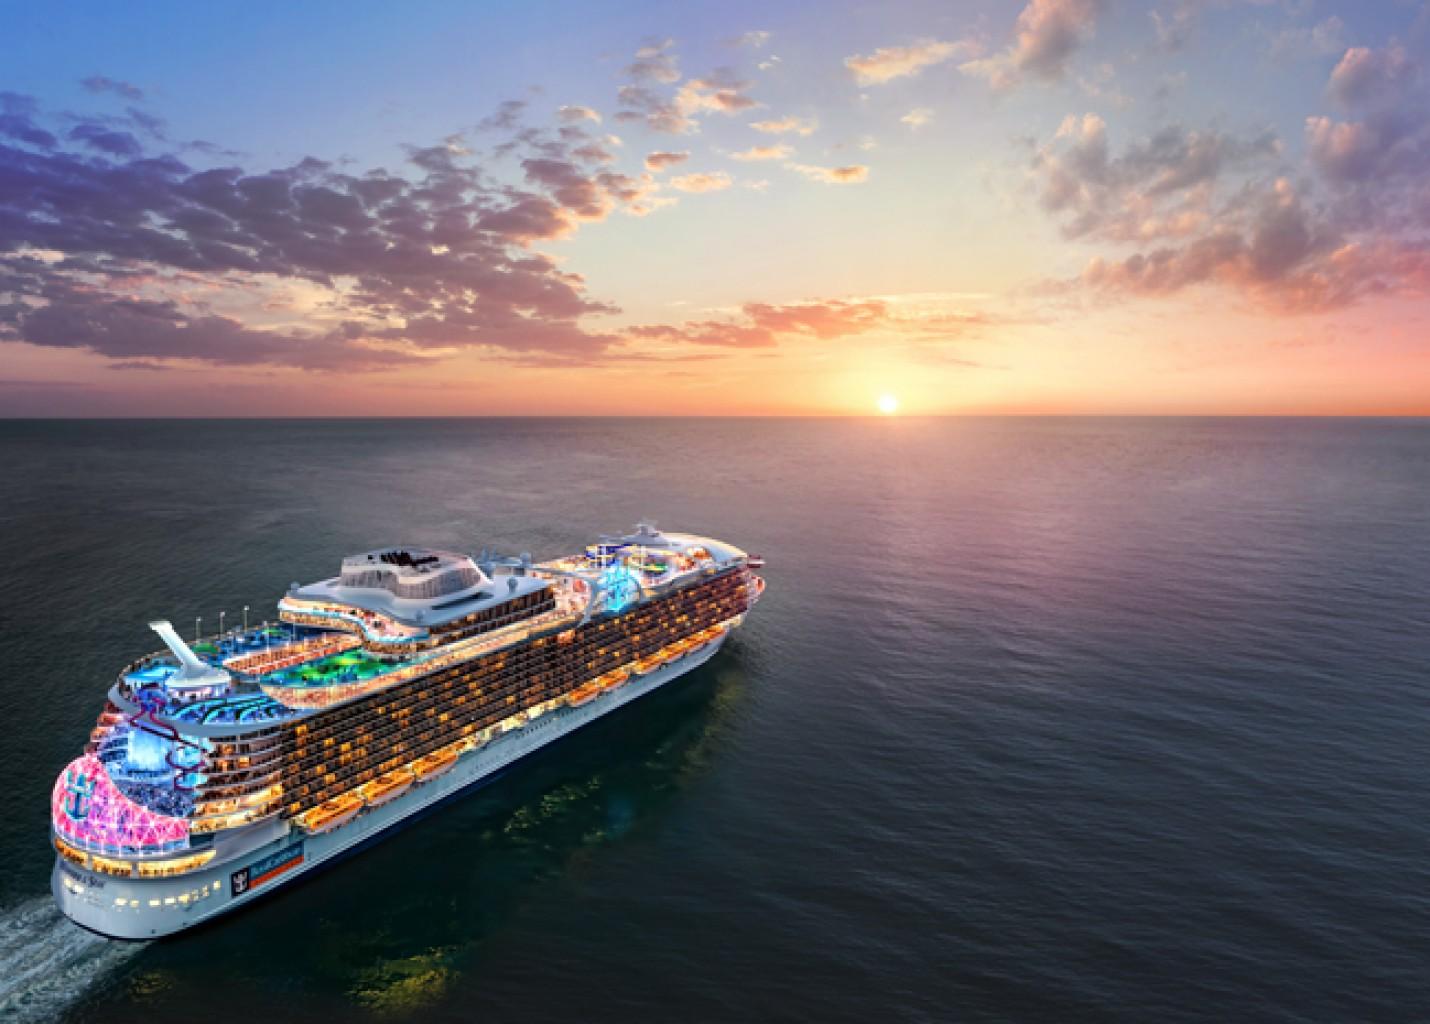 Royal Caribbean revela o Wonder of the Seas, maior navio de cruzeiros do mundo